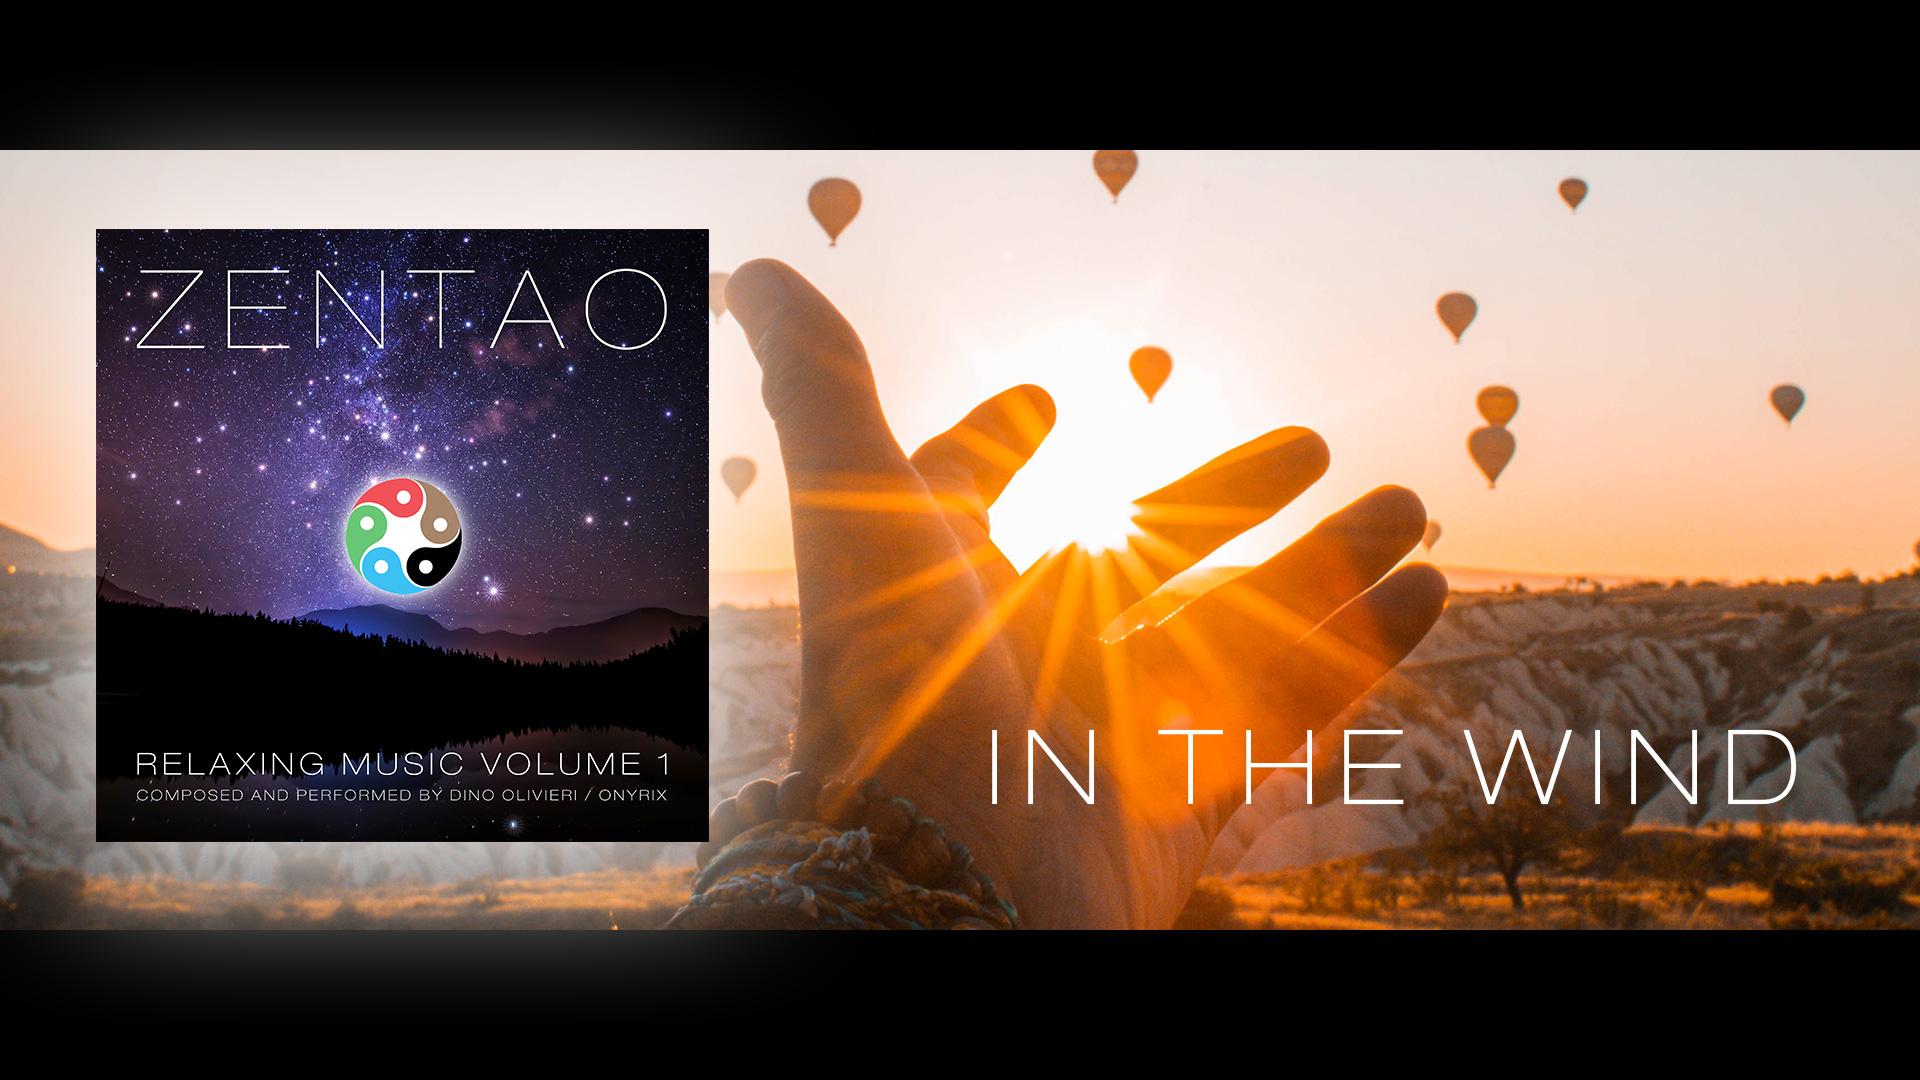 In the Wind - Zentao Relaxing Music Volume 1 - Dino Olivieri / Onyrix